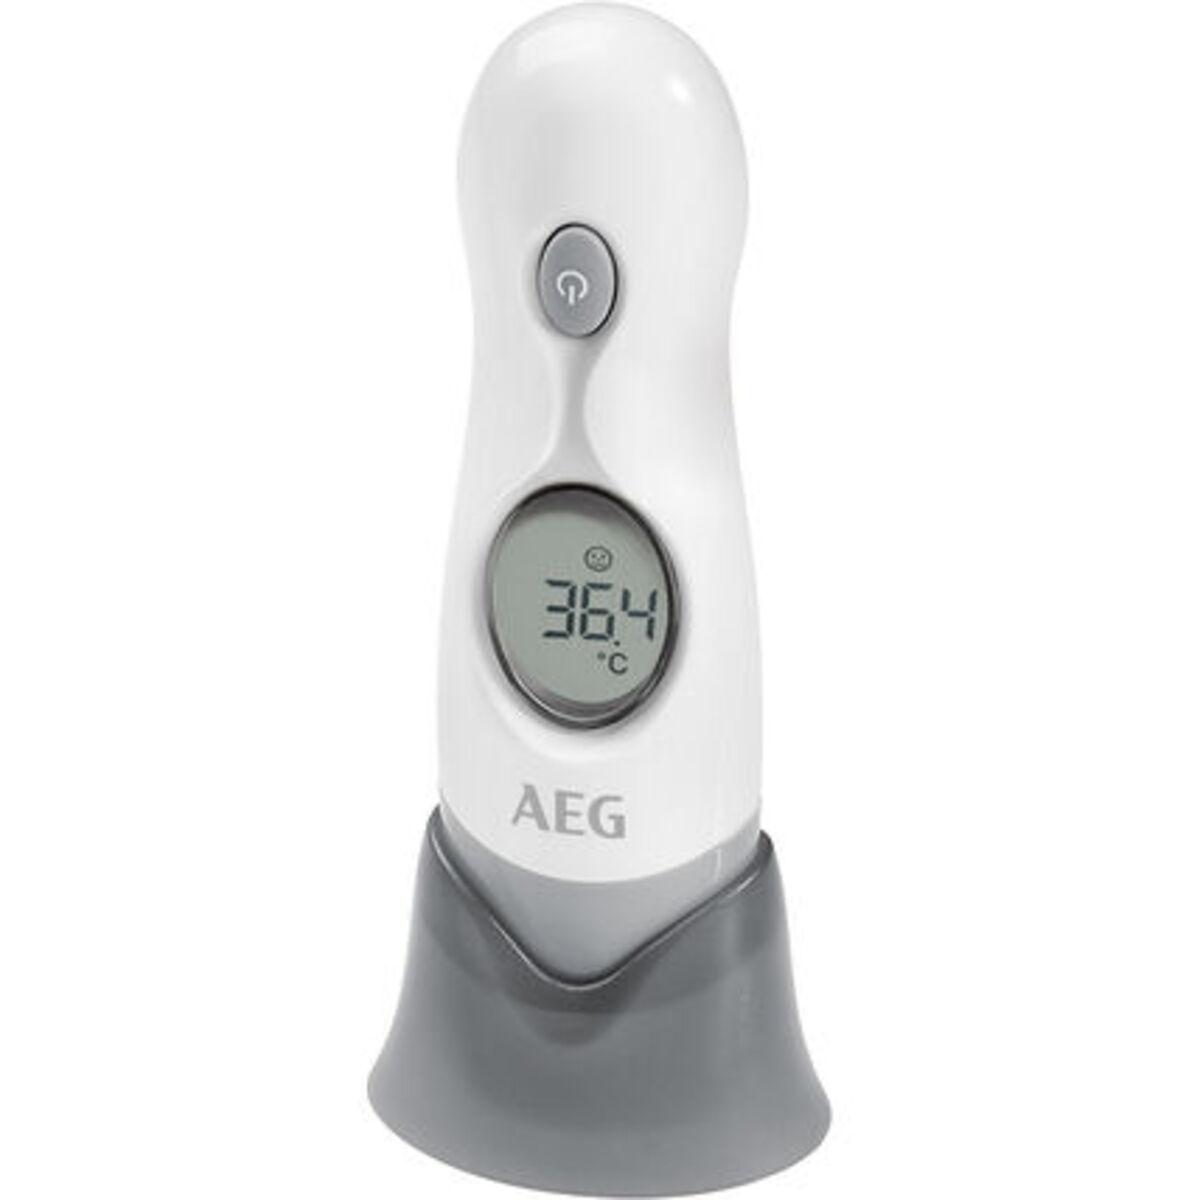 Bild 2 von AEG Infrarot-Thermometer FT 4925, Ohr-/Stirnmessung, 4in1, Ein-Knopf-Messung, weiß/grau